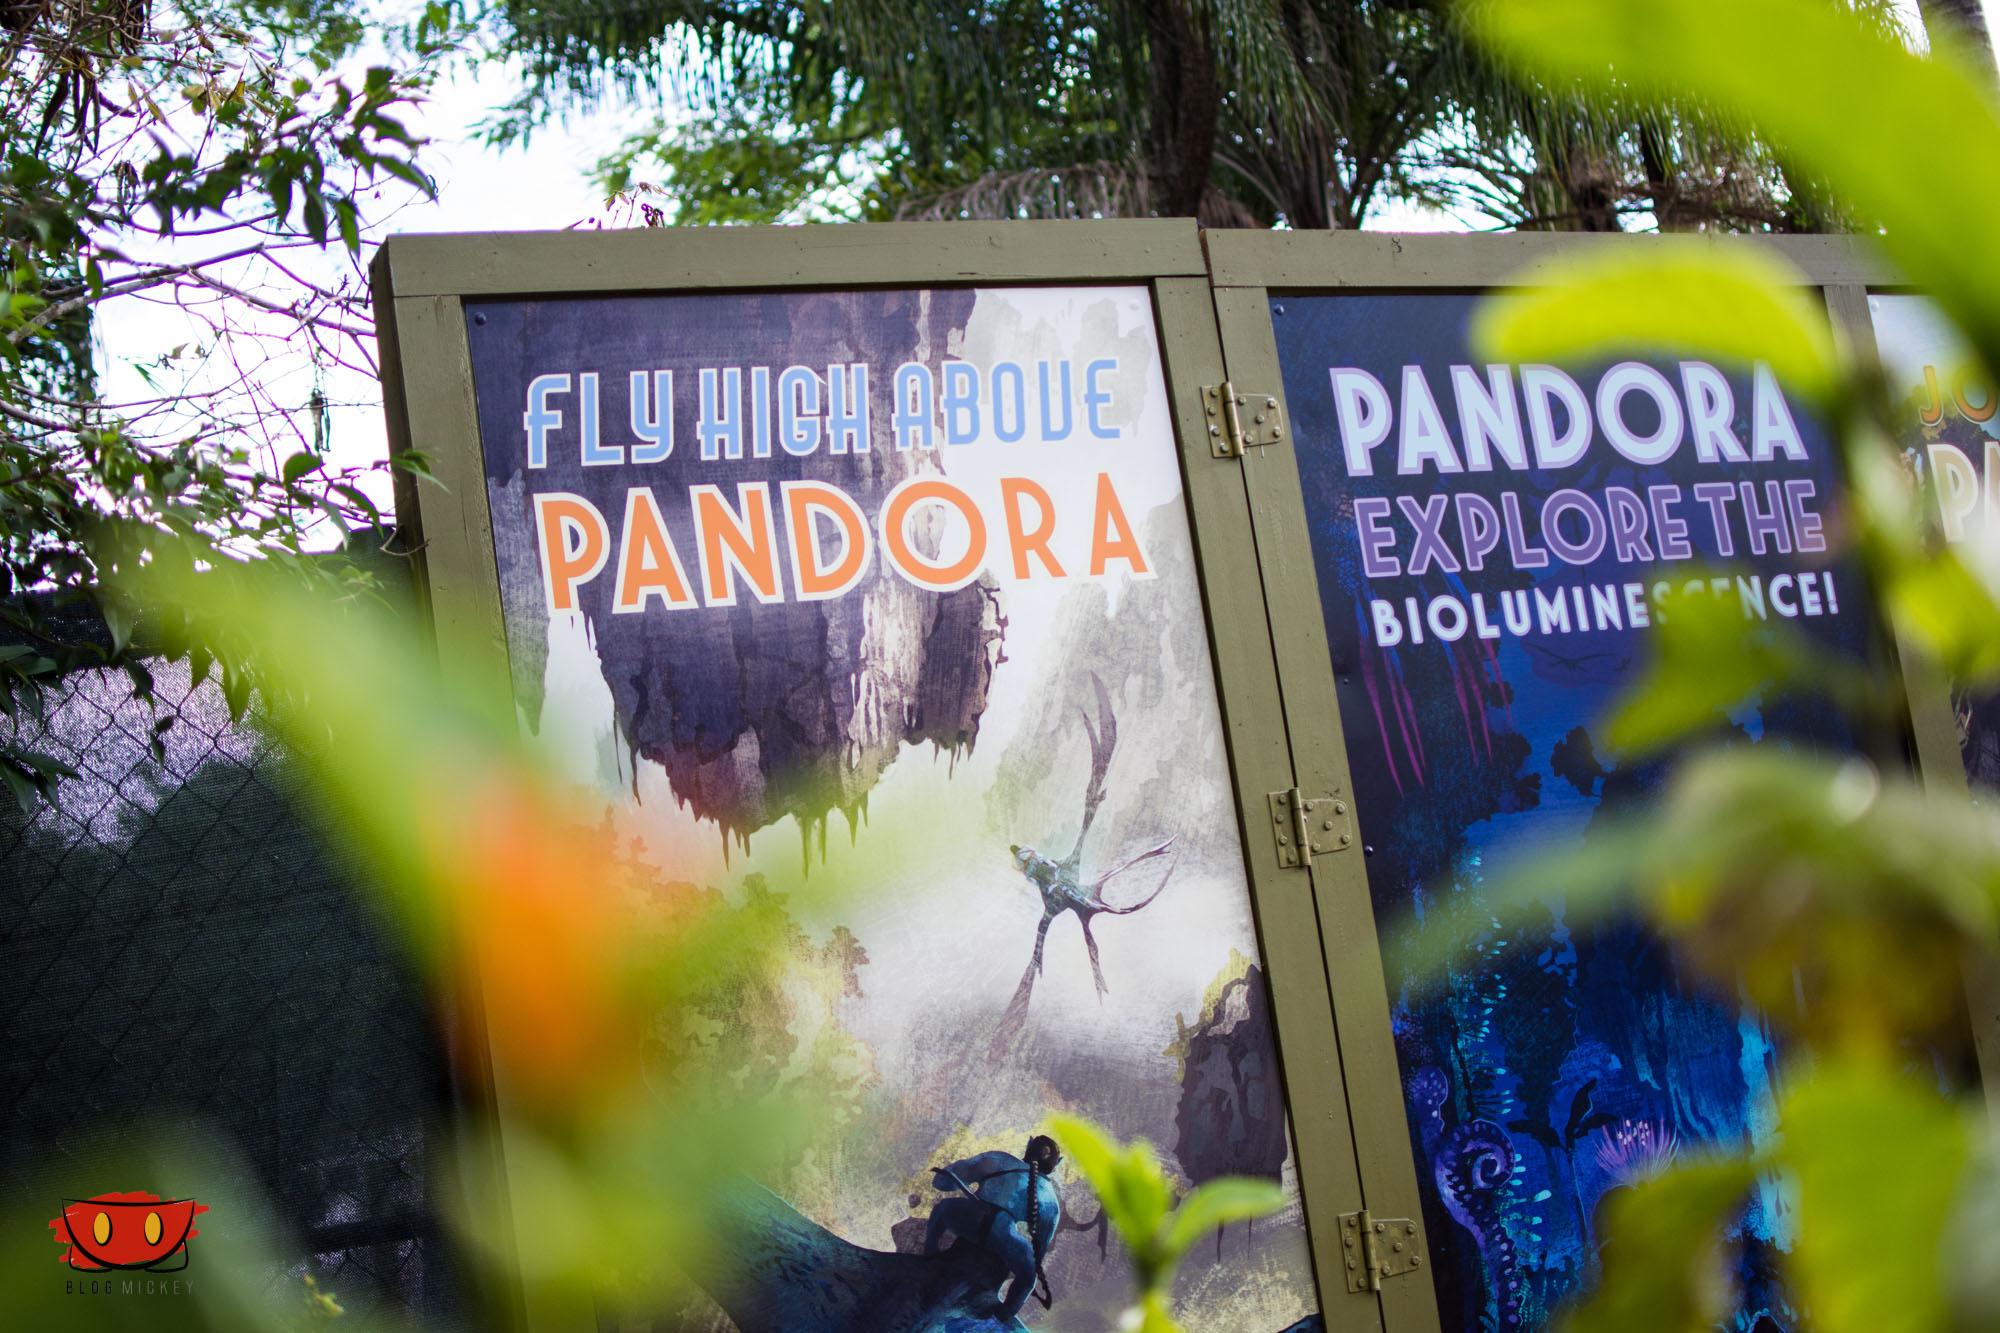 Pandora_07212016-17